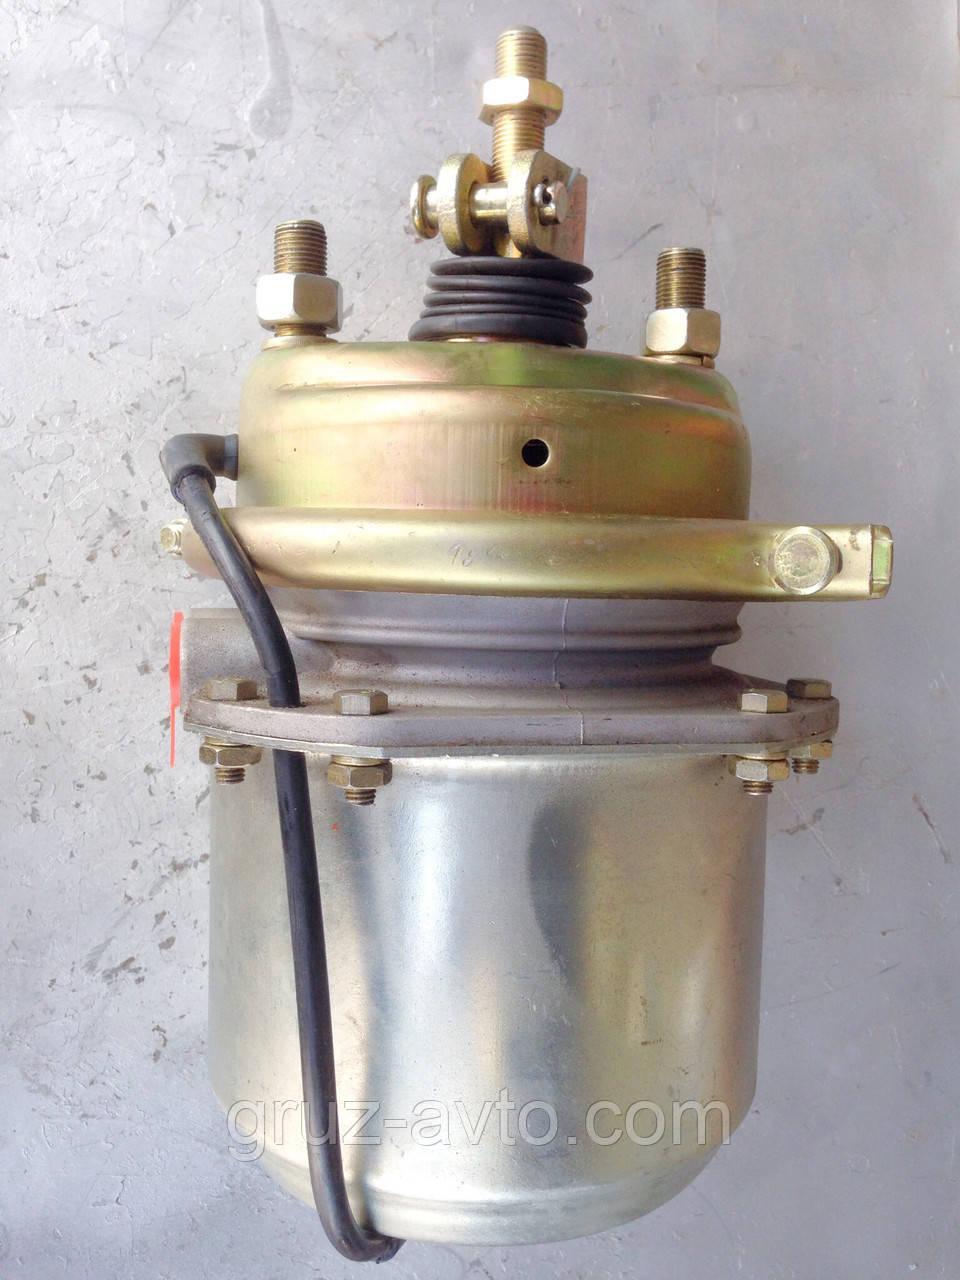 Энергоаккумулятор КАМАЗ Евро-4310 (вездеход), МАЗ 24*24 / 100-3519200